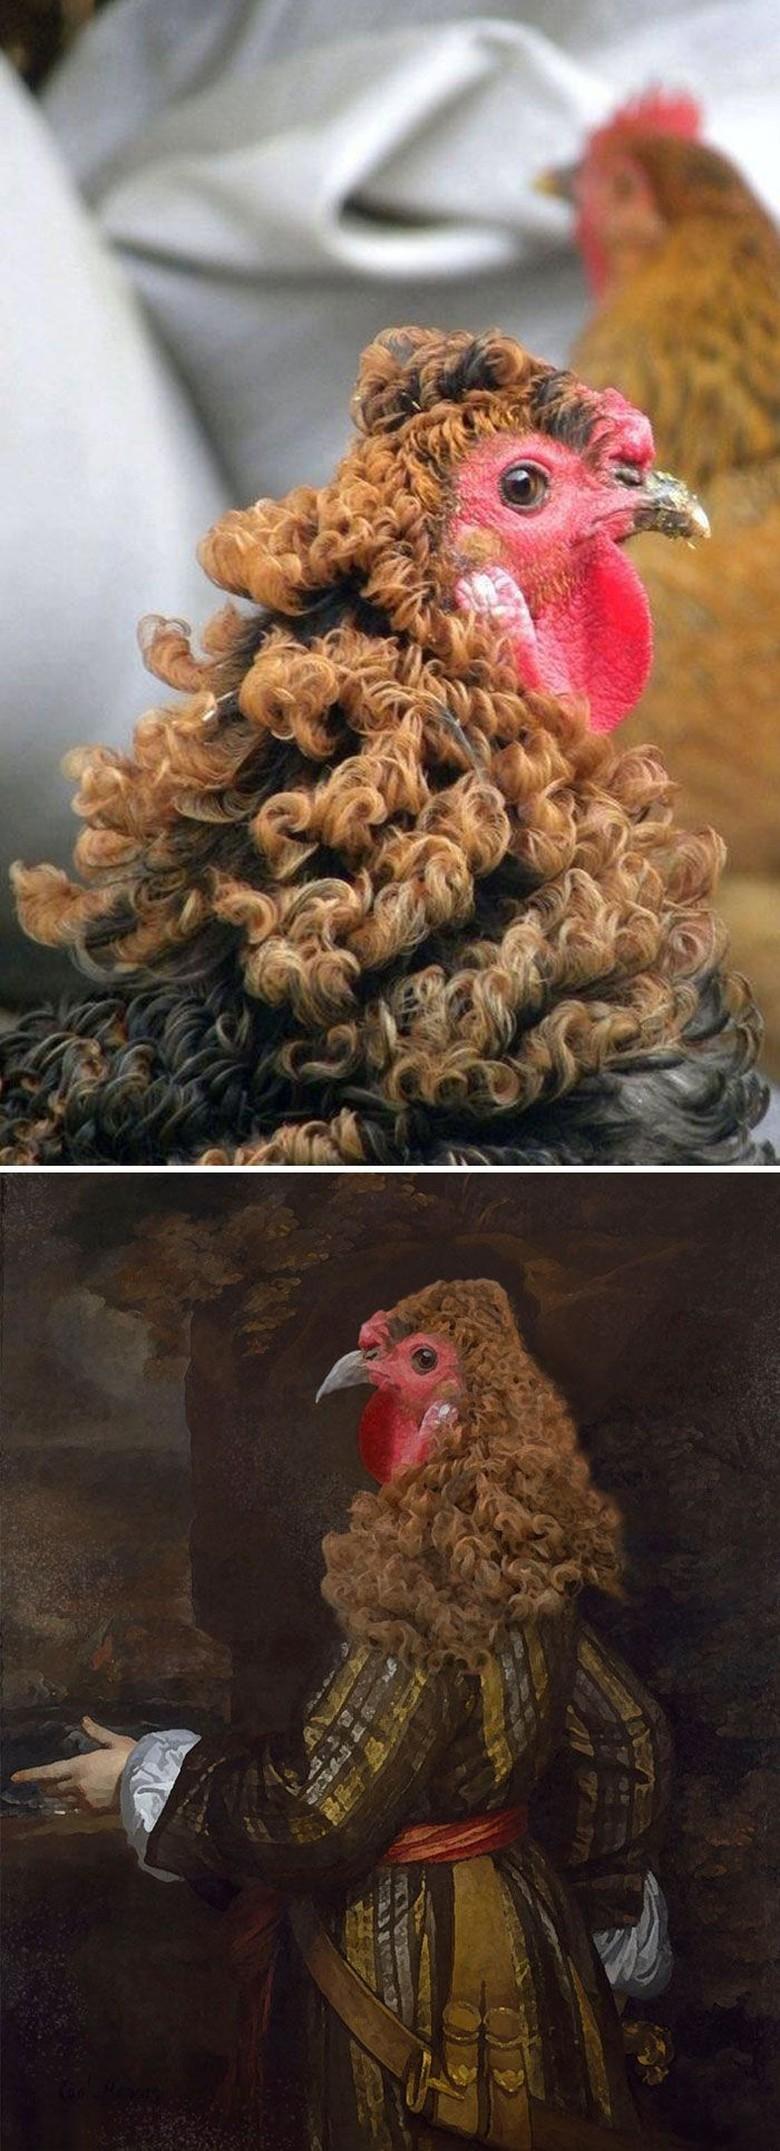 53+ Gambar Ayam Editan Lucu